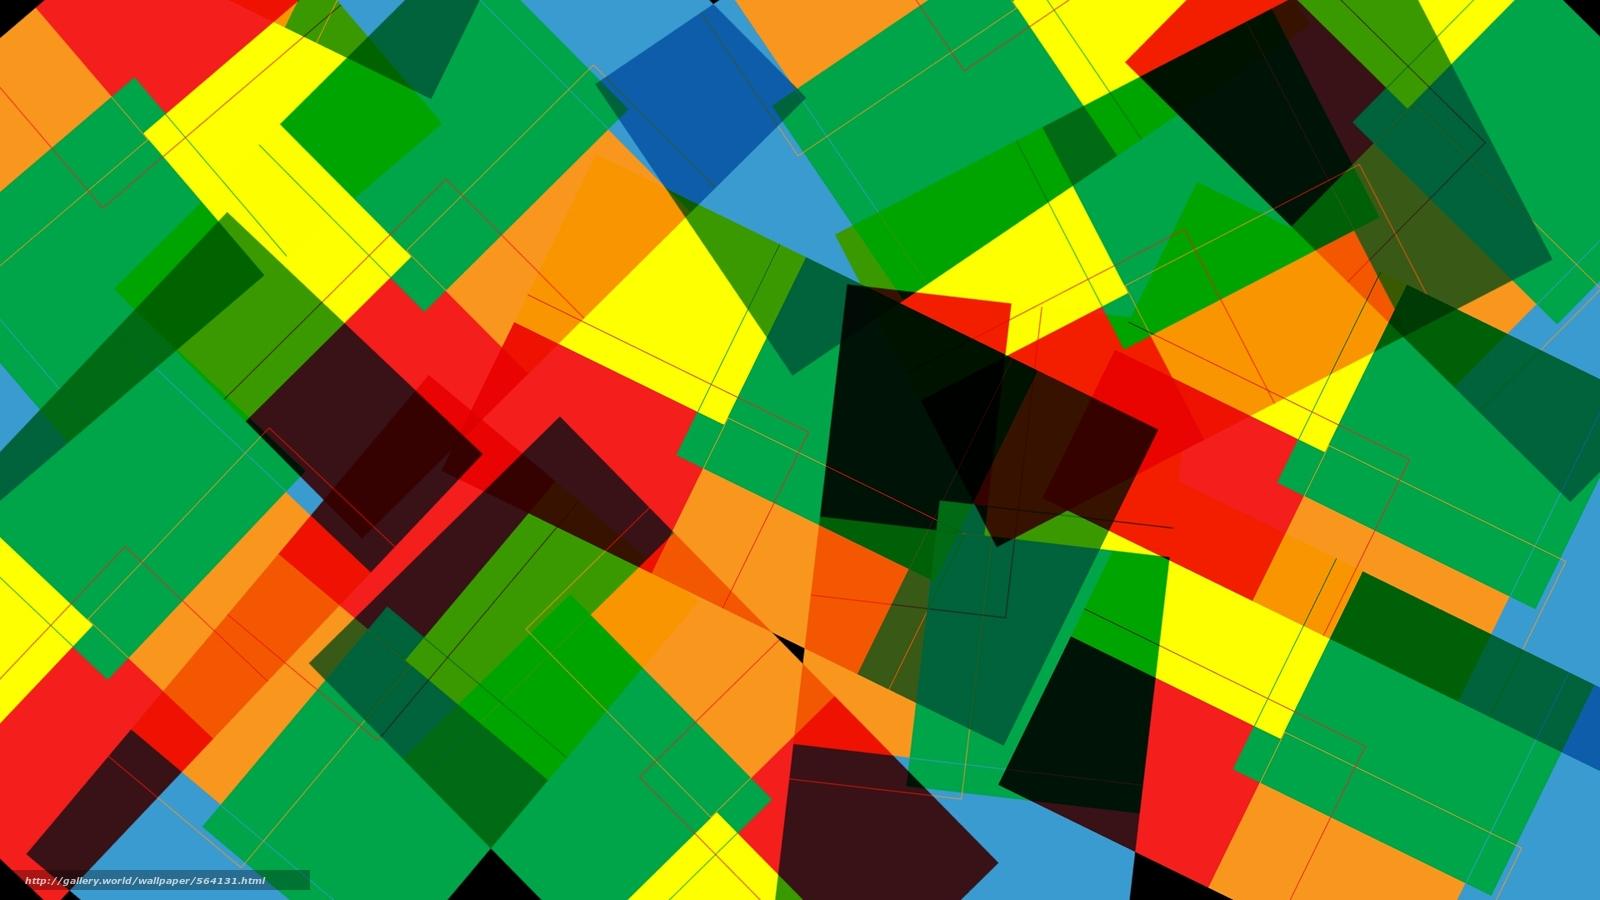 Tlcharger Fond d'ecran abstraction,  3d,  art Fonds d'ecran gratuits pour votre rsolution du bureau 1920x1080 — image №564131